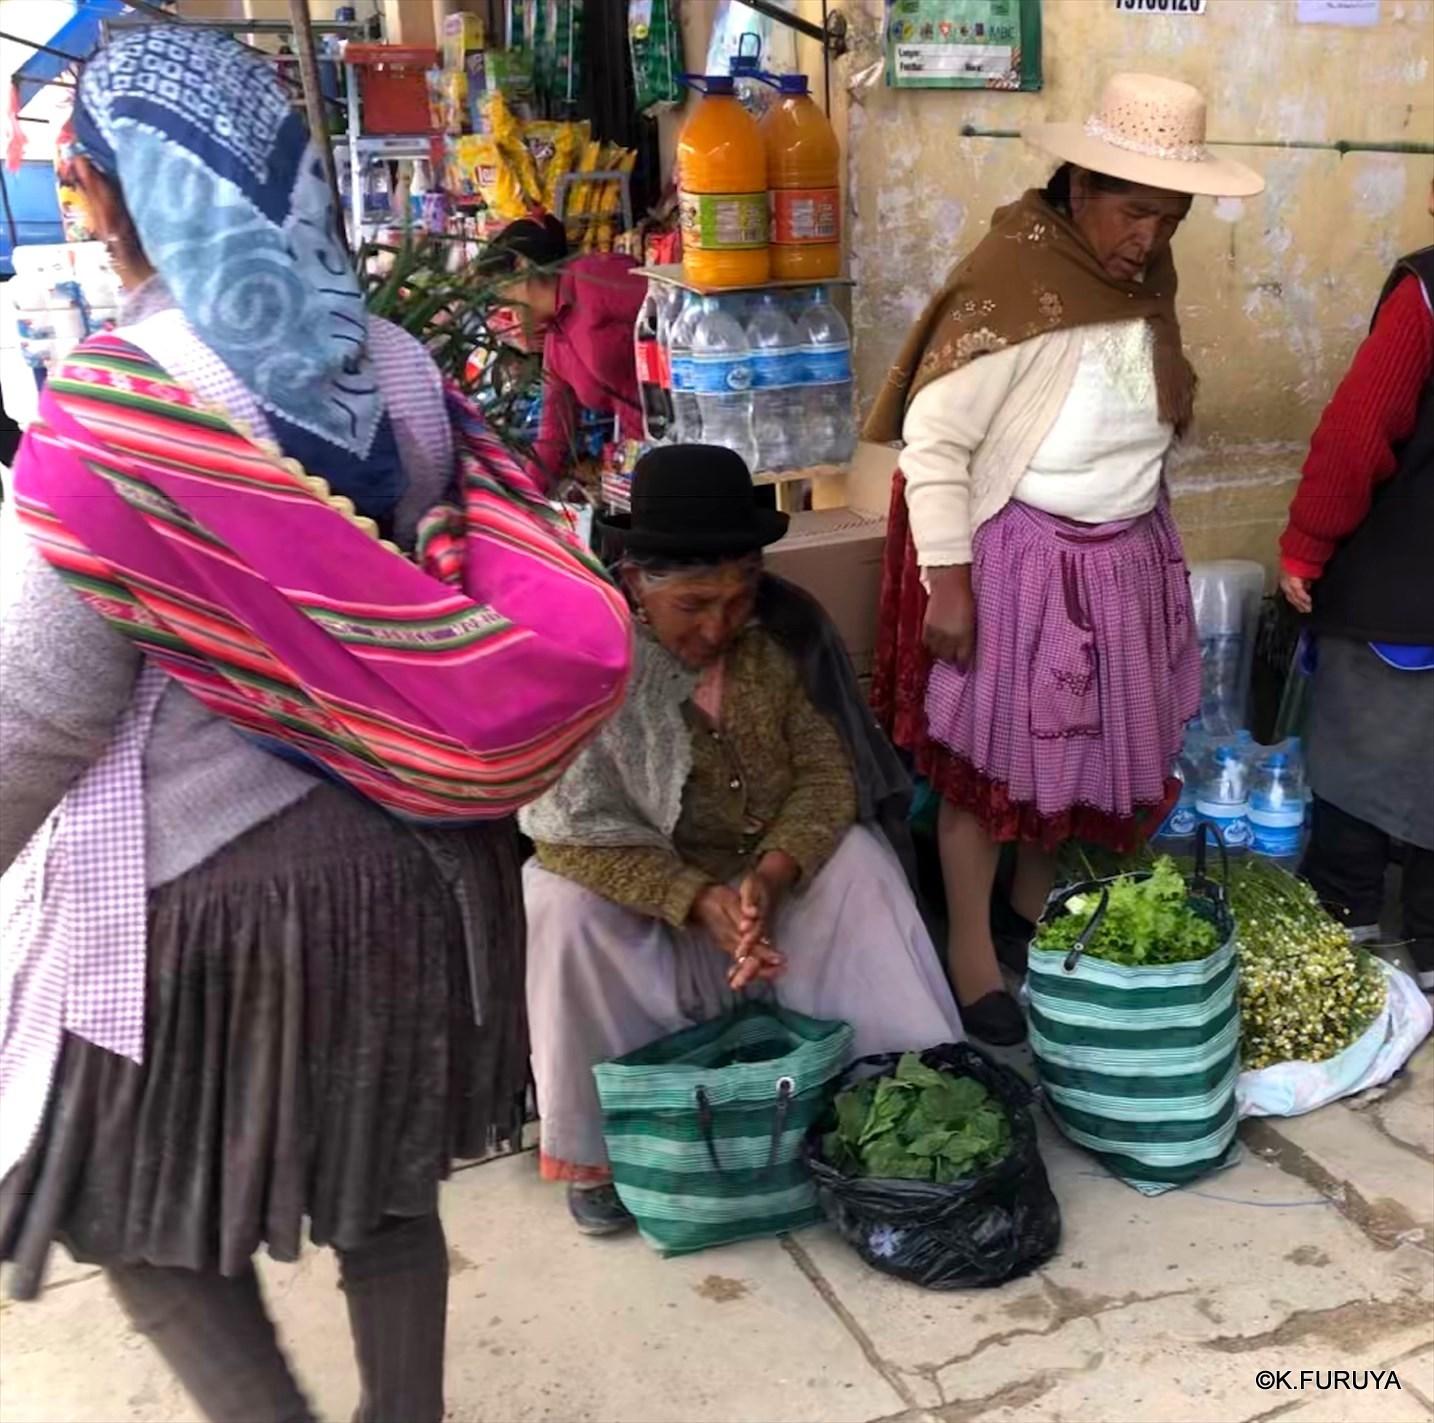 中南米の旅/25 ウユニのメインストリート@ボリビア_a0092659_16400503.jpg